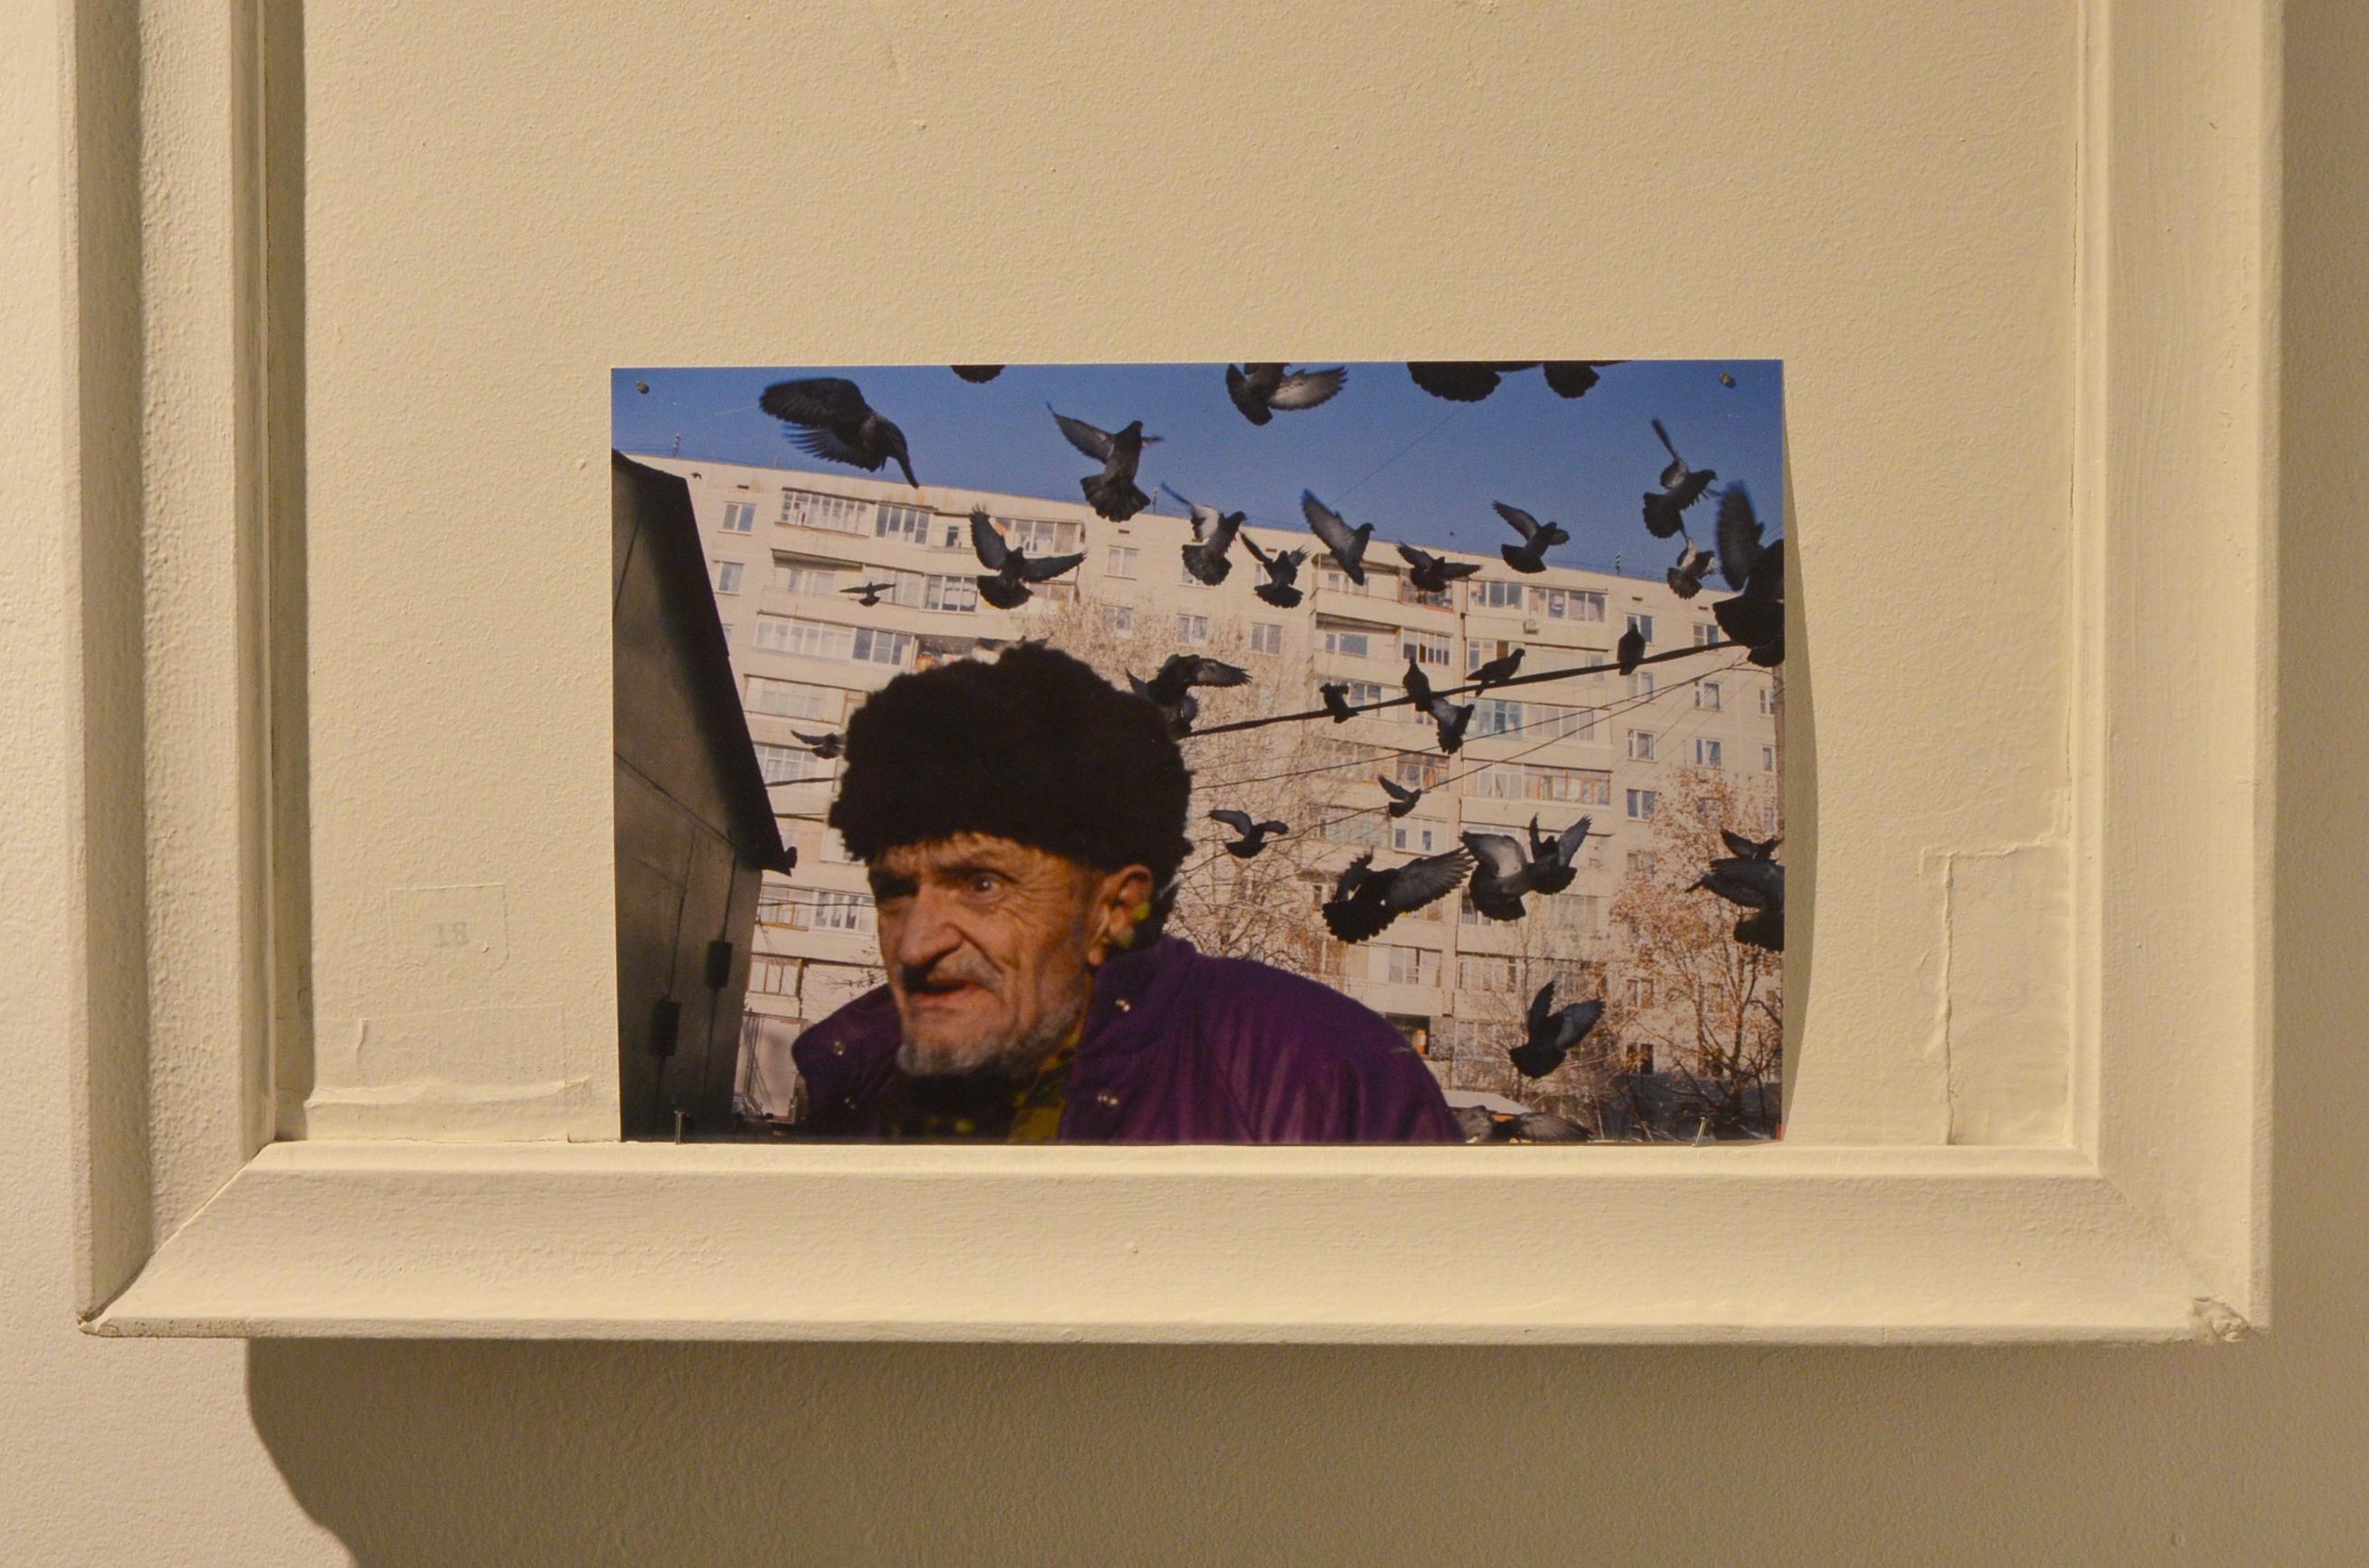 Помимо работ Валерия Исаянца на выставке есть фото самого художника